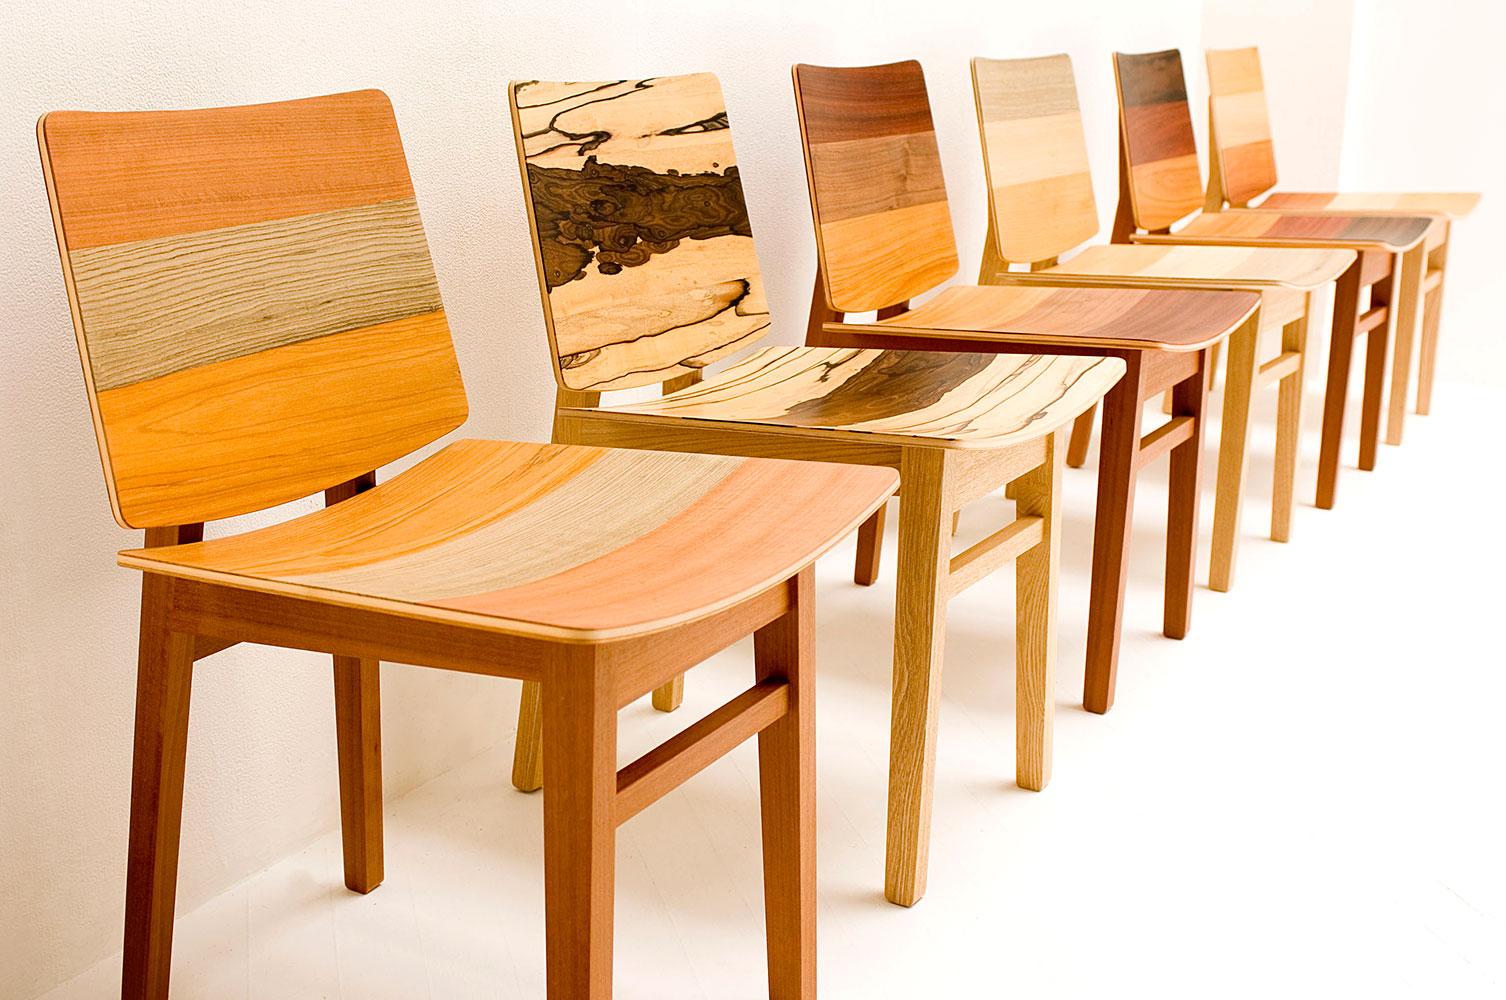 TONE CHAIR / Leif.designpark #C86E03 1506 1000